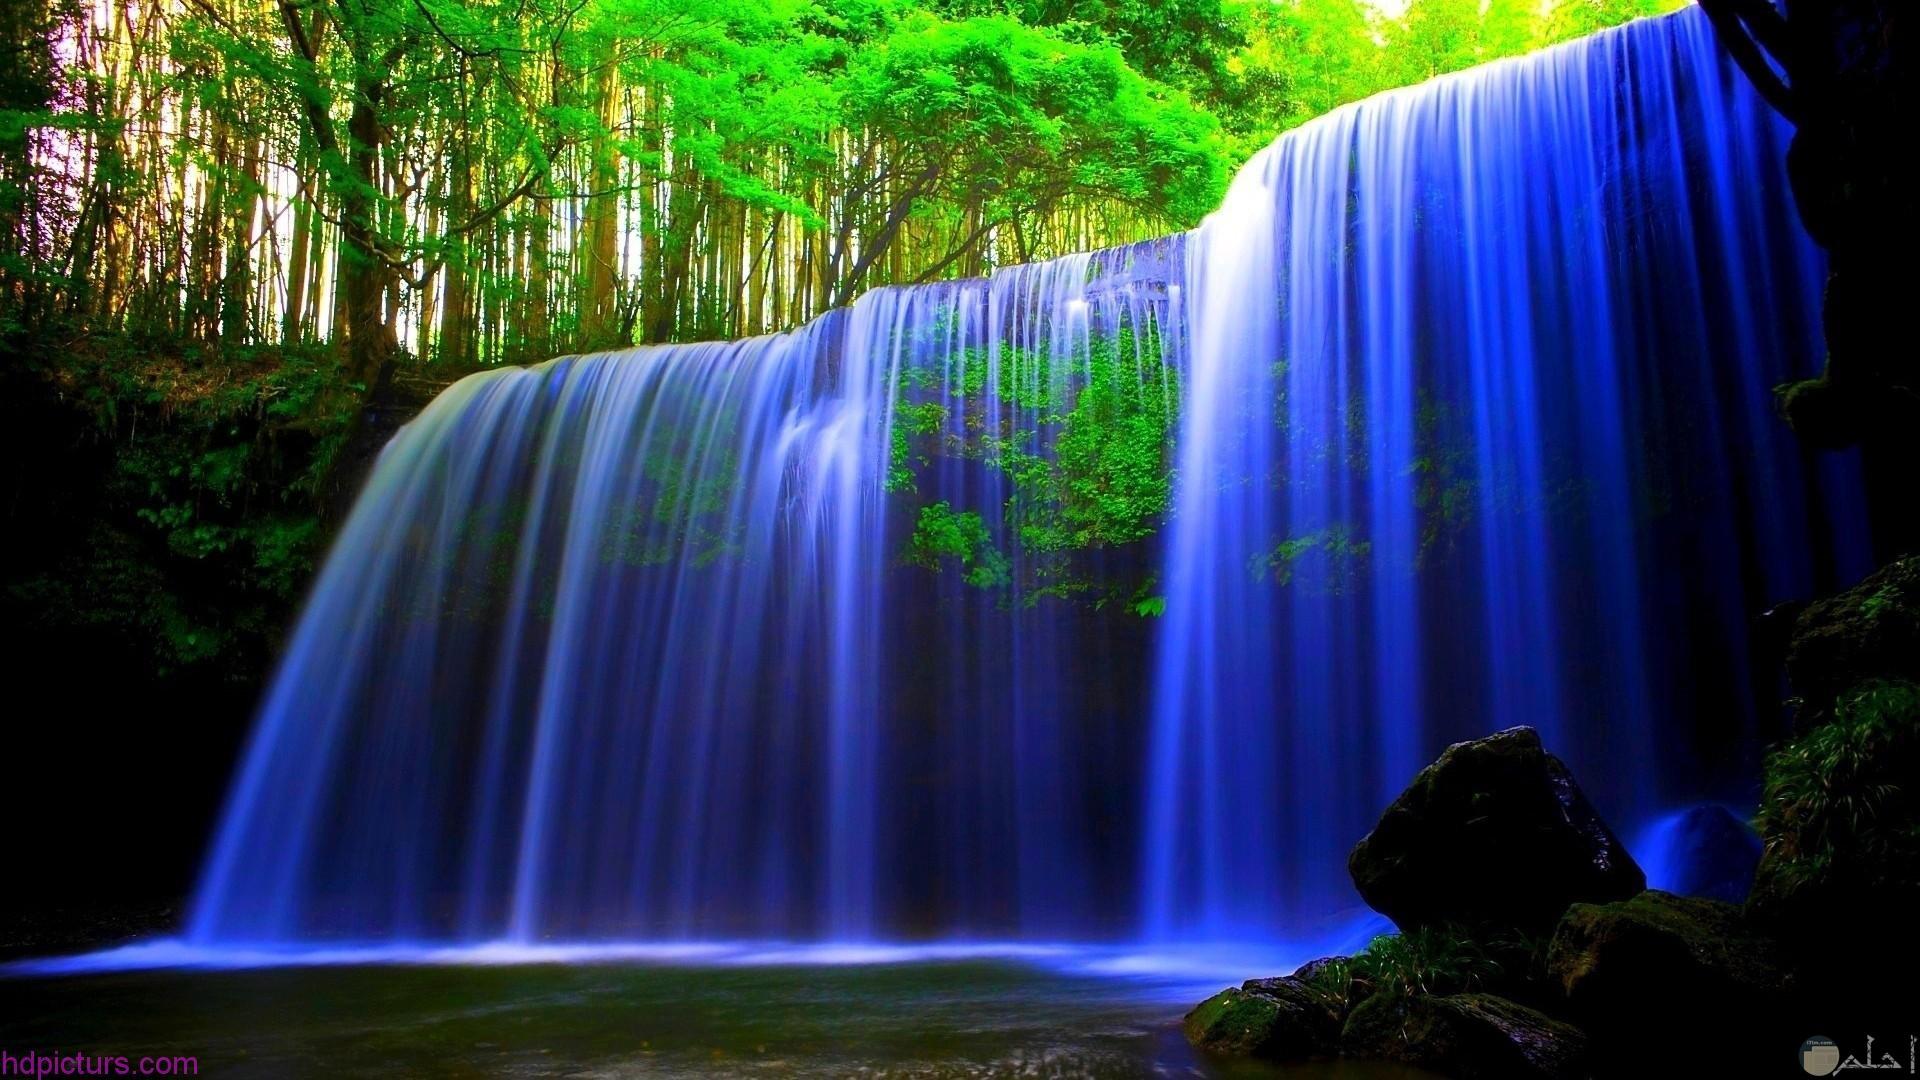 جمال الشلالات و الطبيعة.